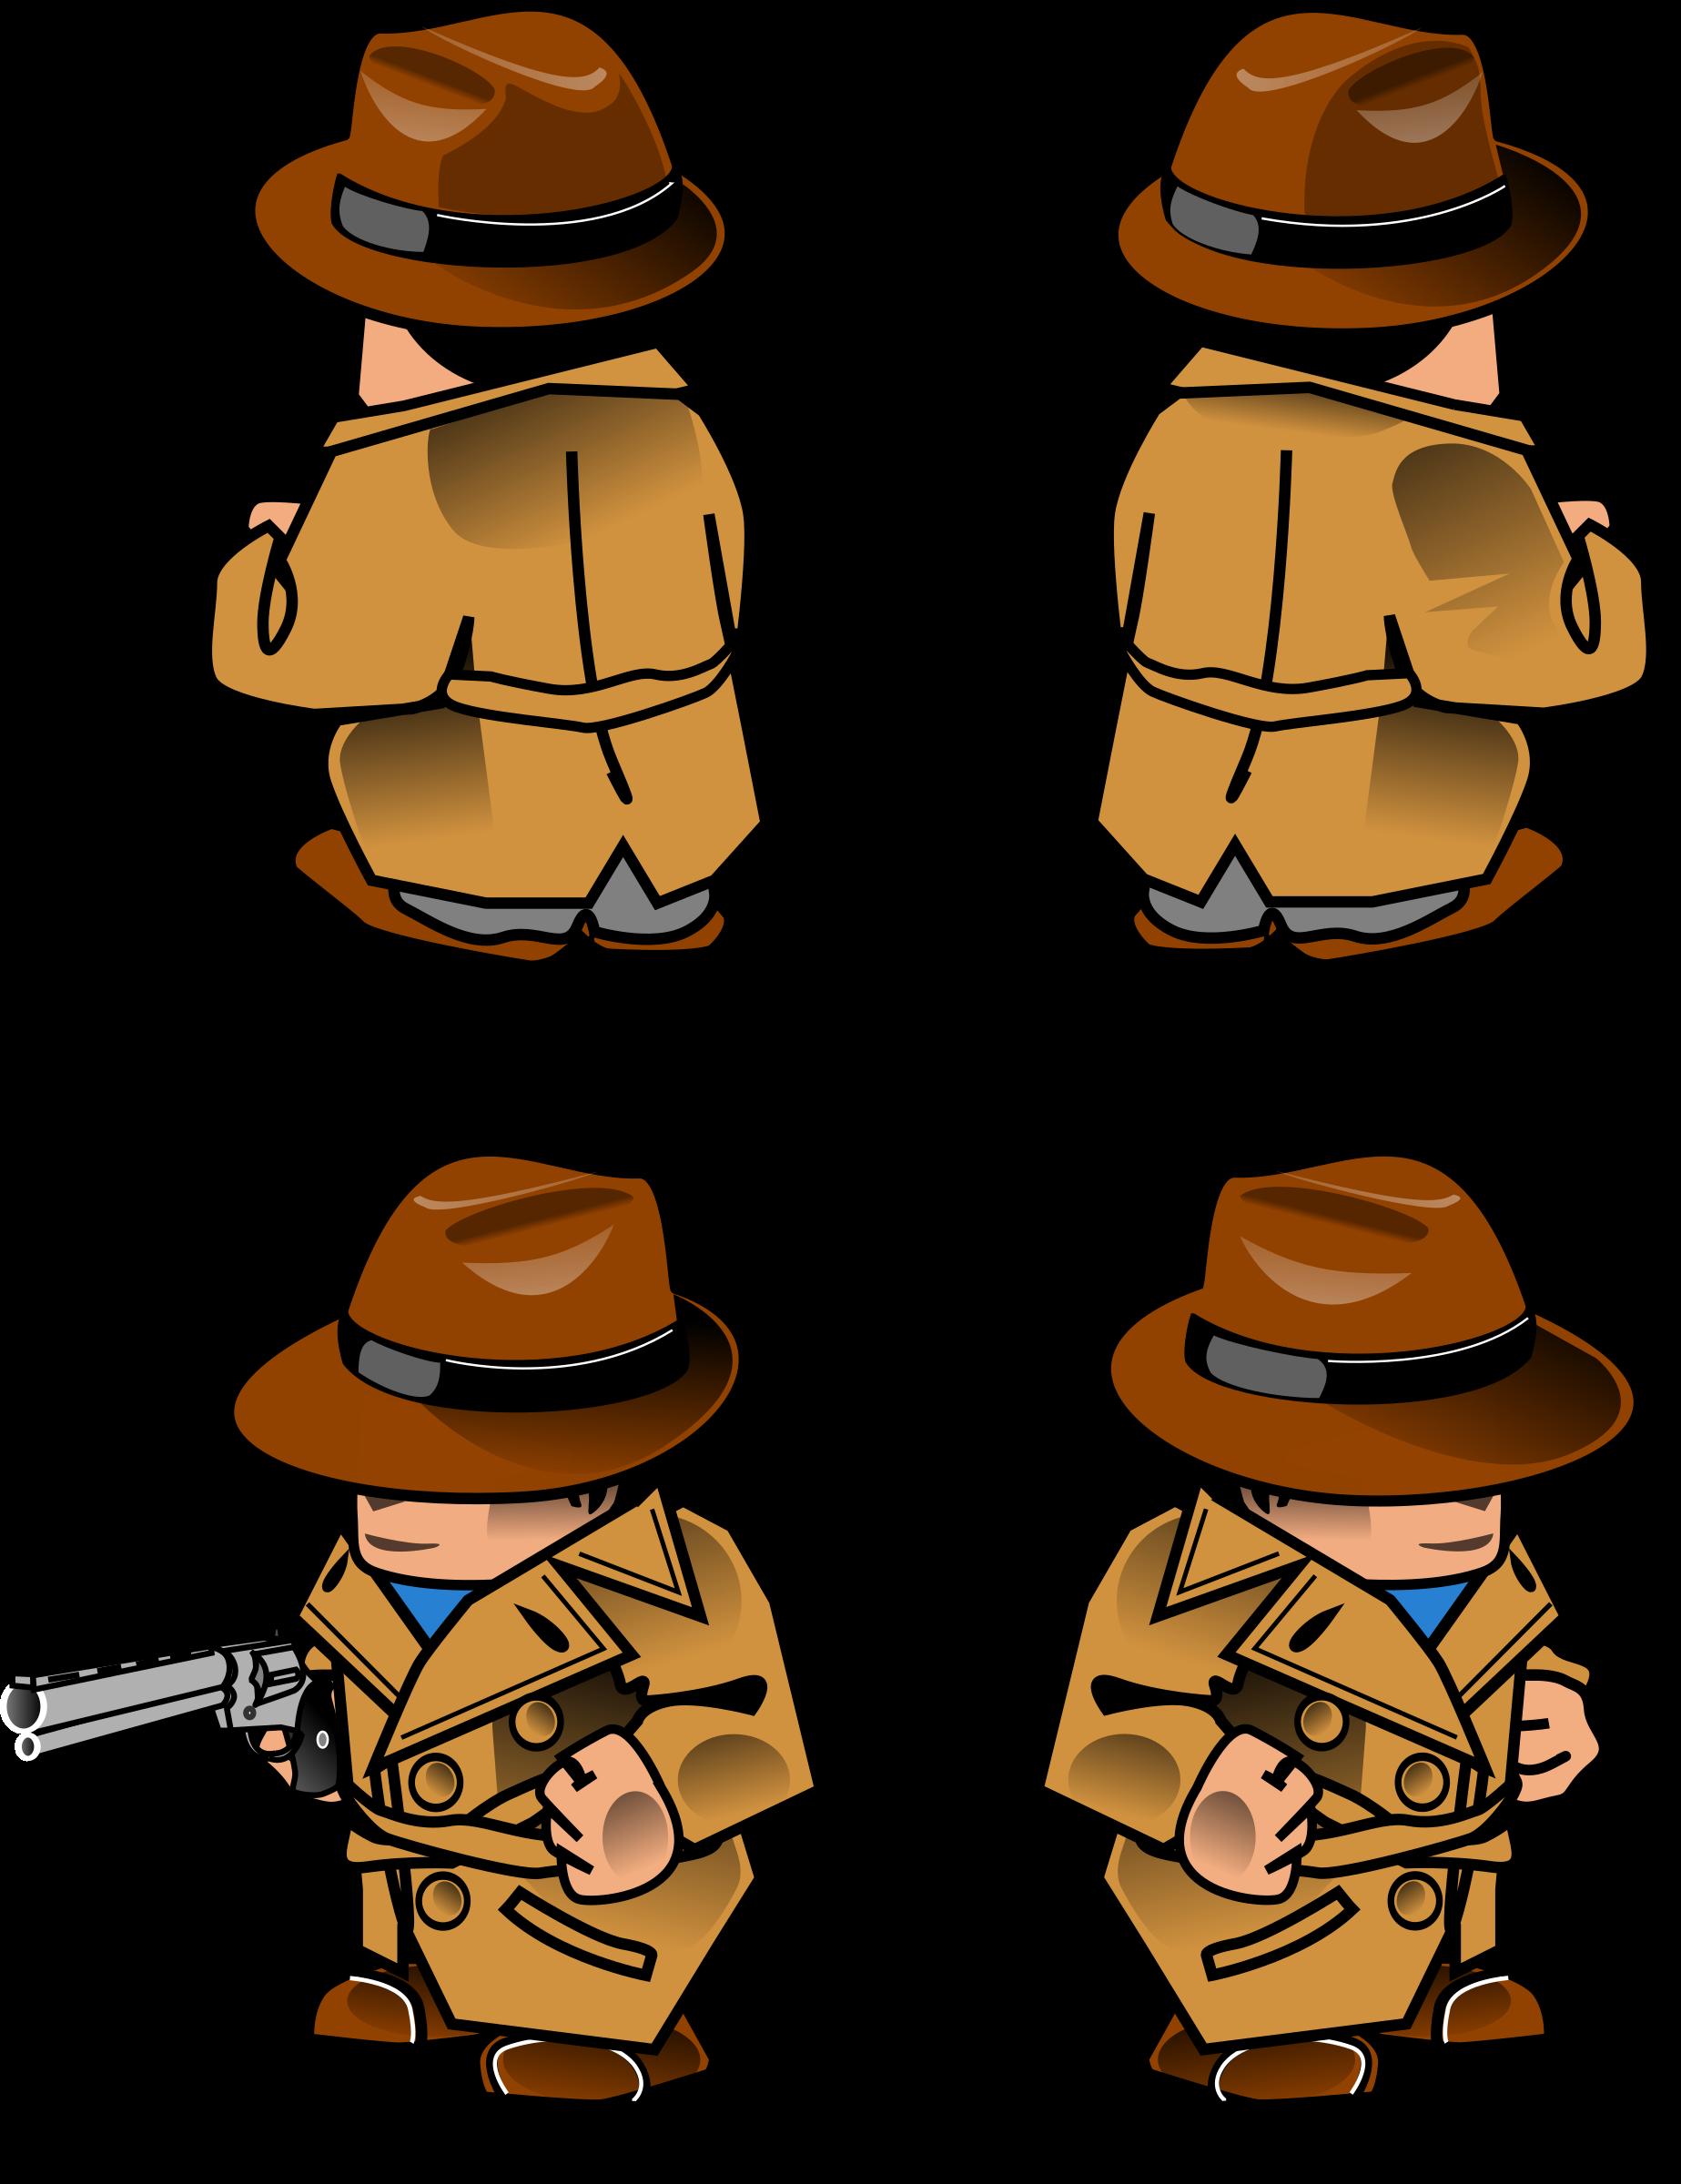 Detective clipart cap. Noir sprite icons png